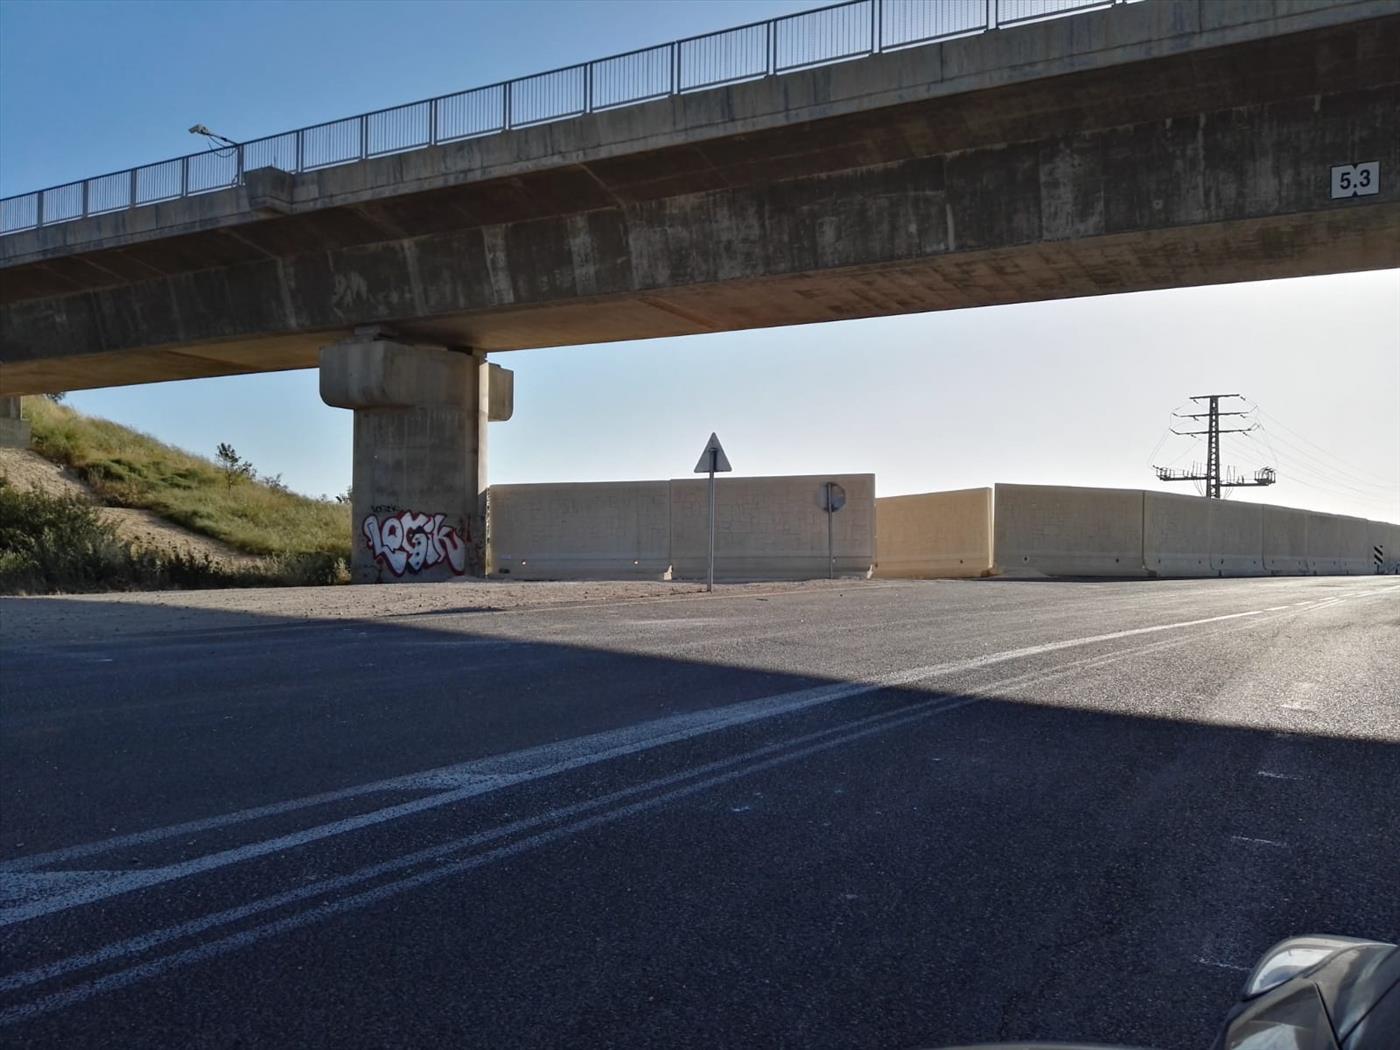 חומת בטון נגד טילי הקורנט מעזה